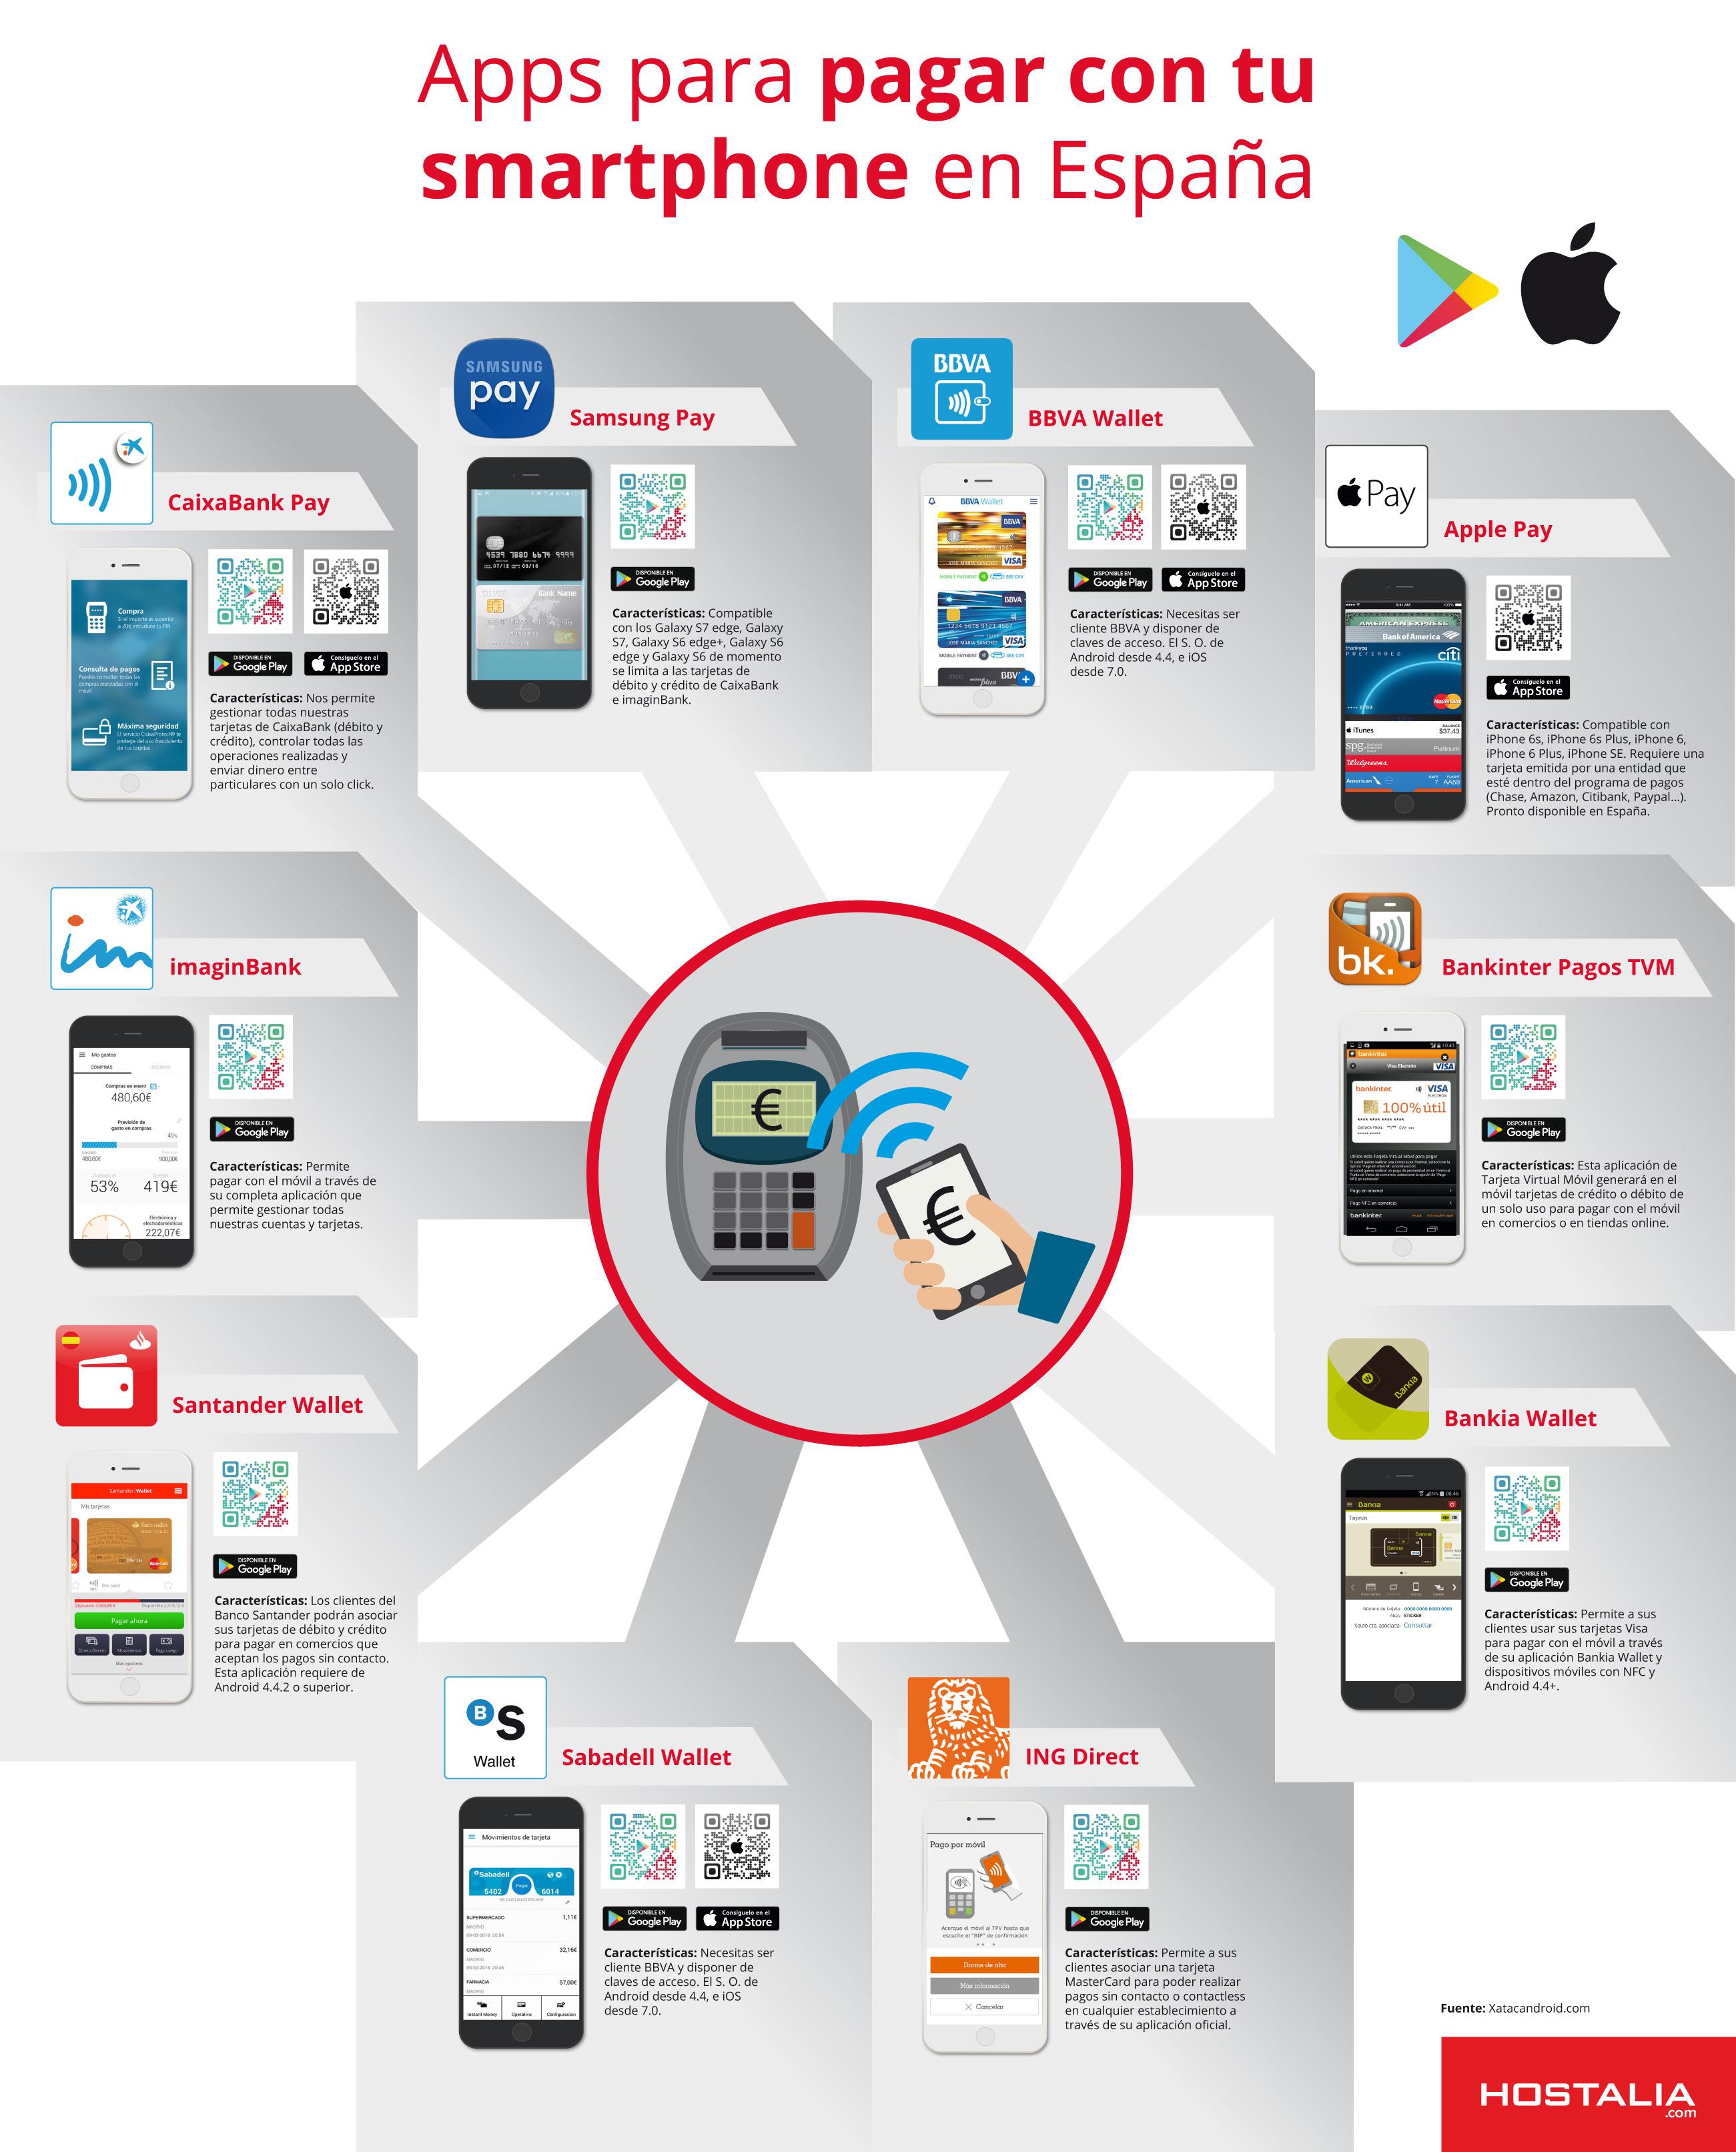 infografia-apps-pagar-movil-pay-smartphone-blog-hostalia-hosting